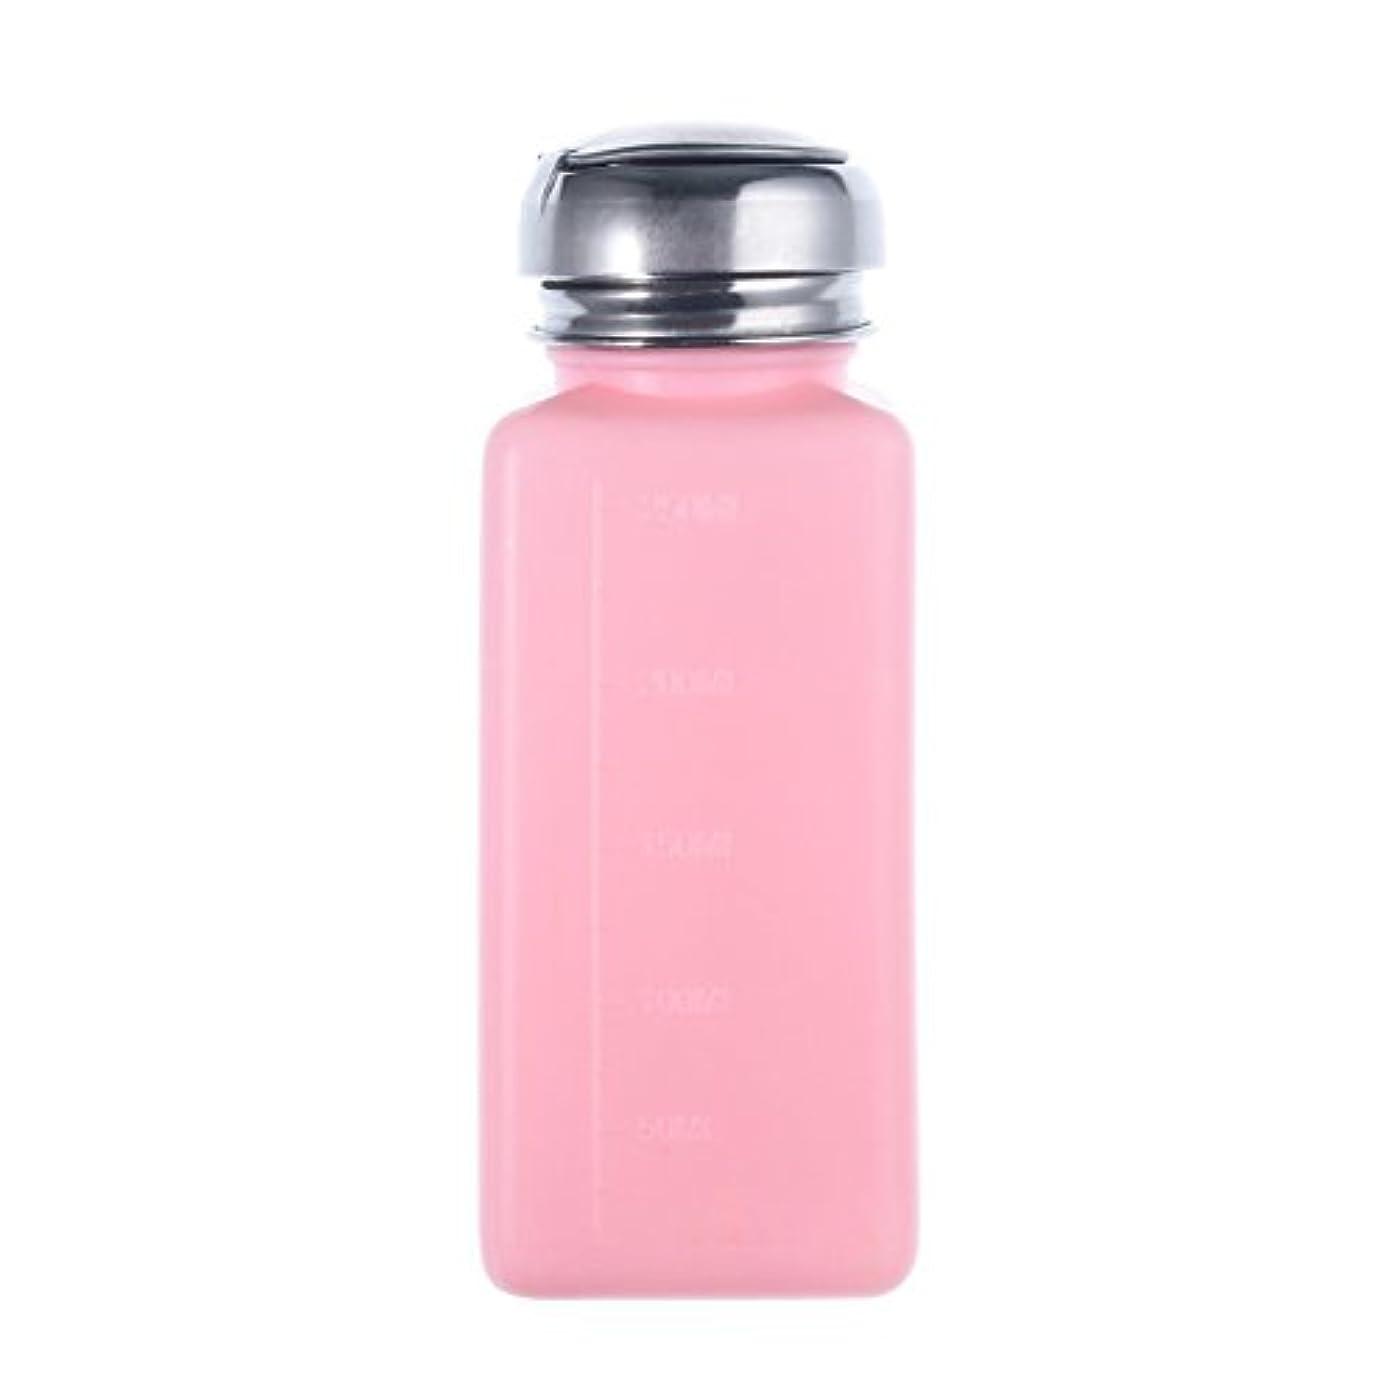 タイト炭素連続したCikuso エンプティーポンプディスペンサー ネイルアート研磨リムーバー 200MLボトル用 (ピンク)